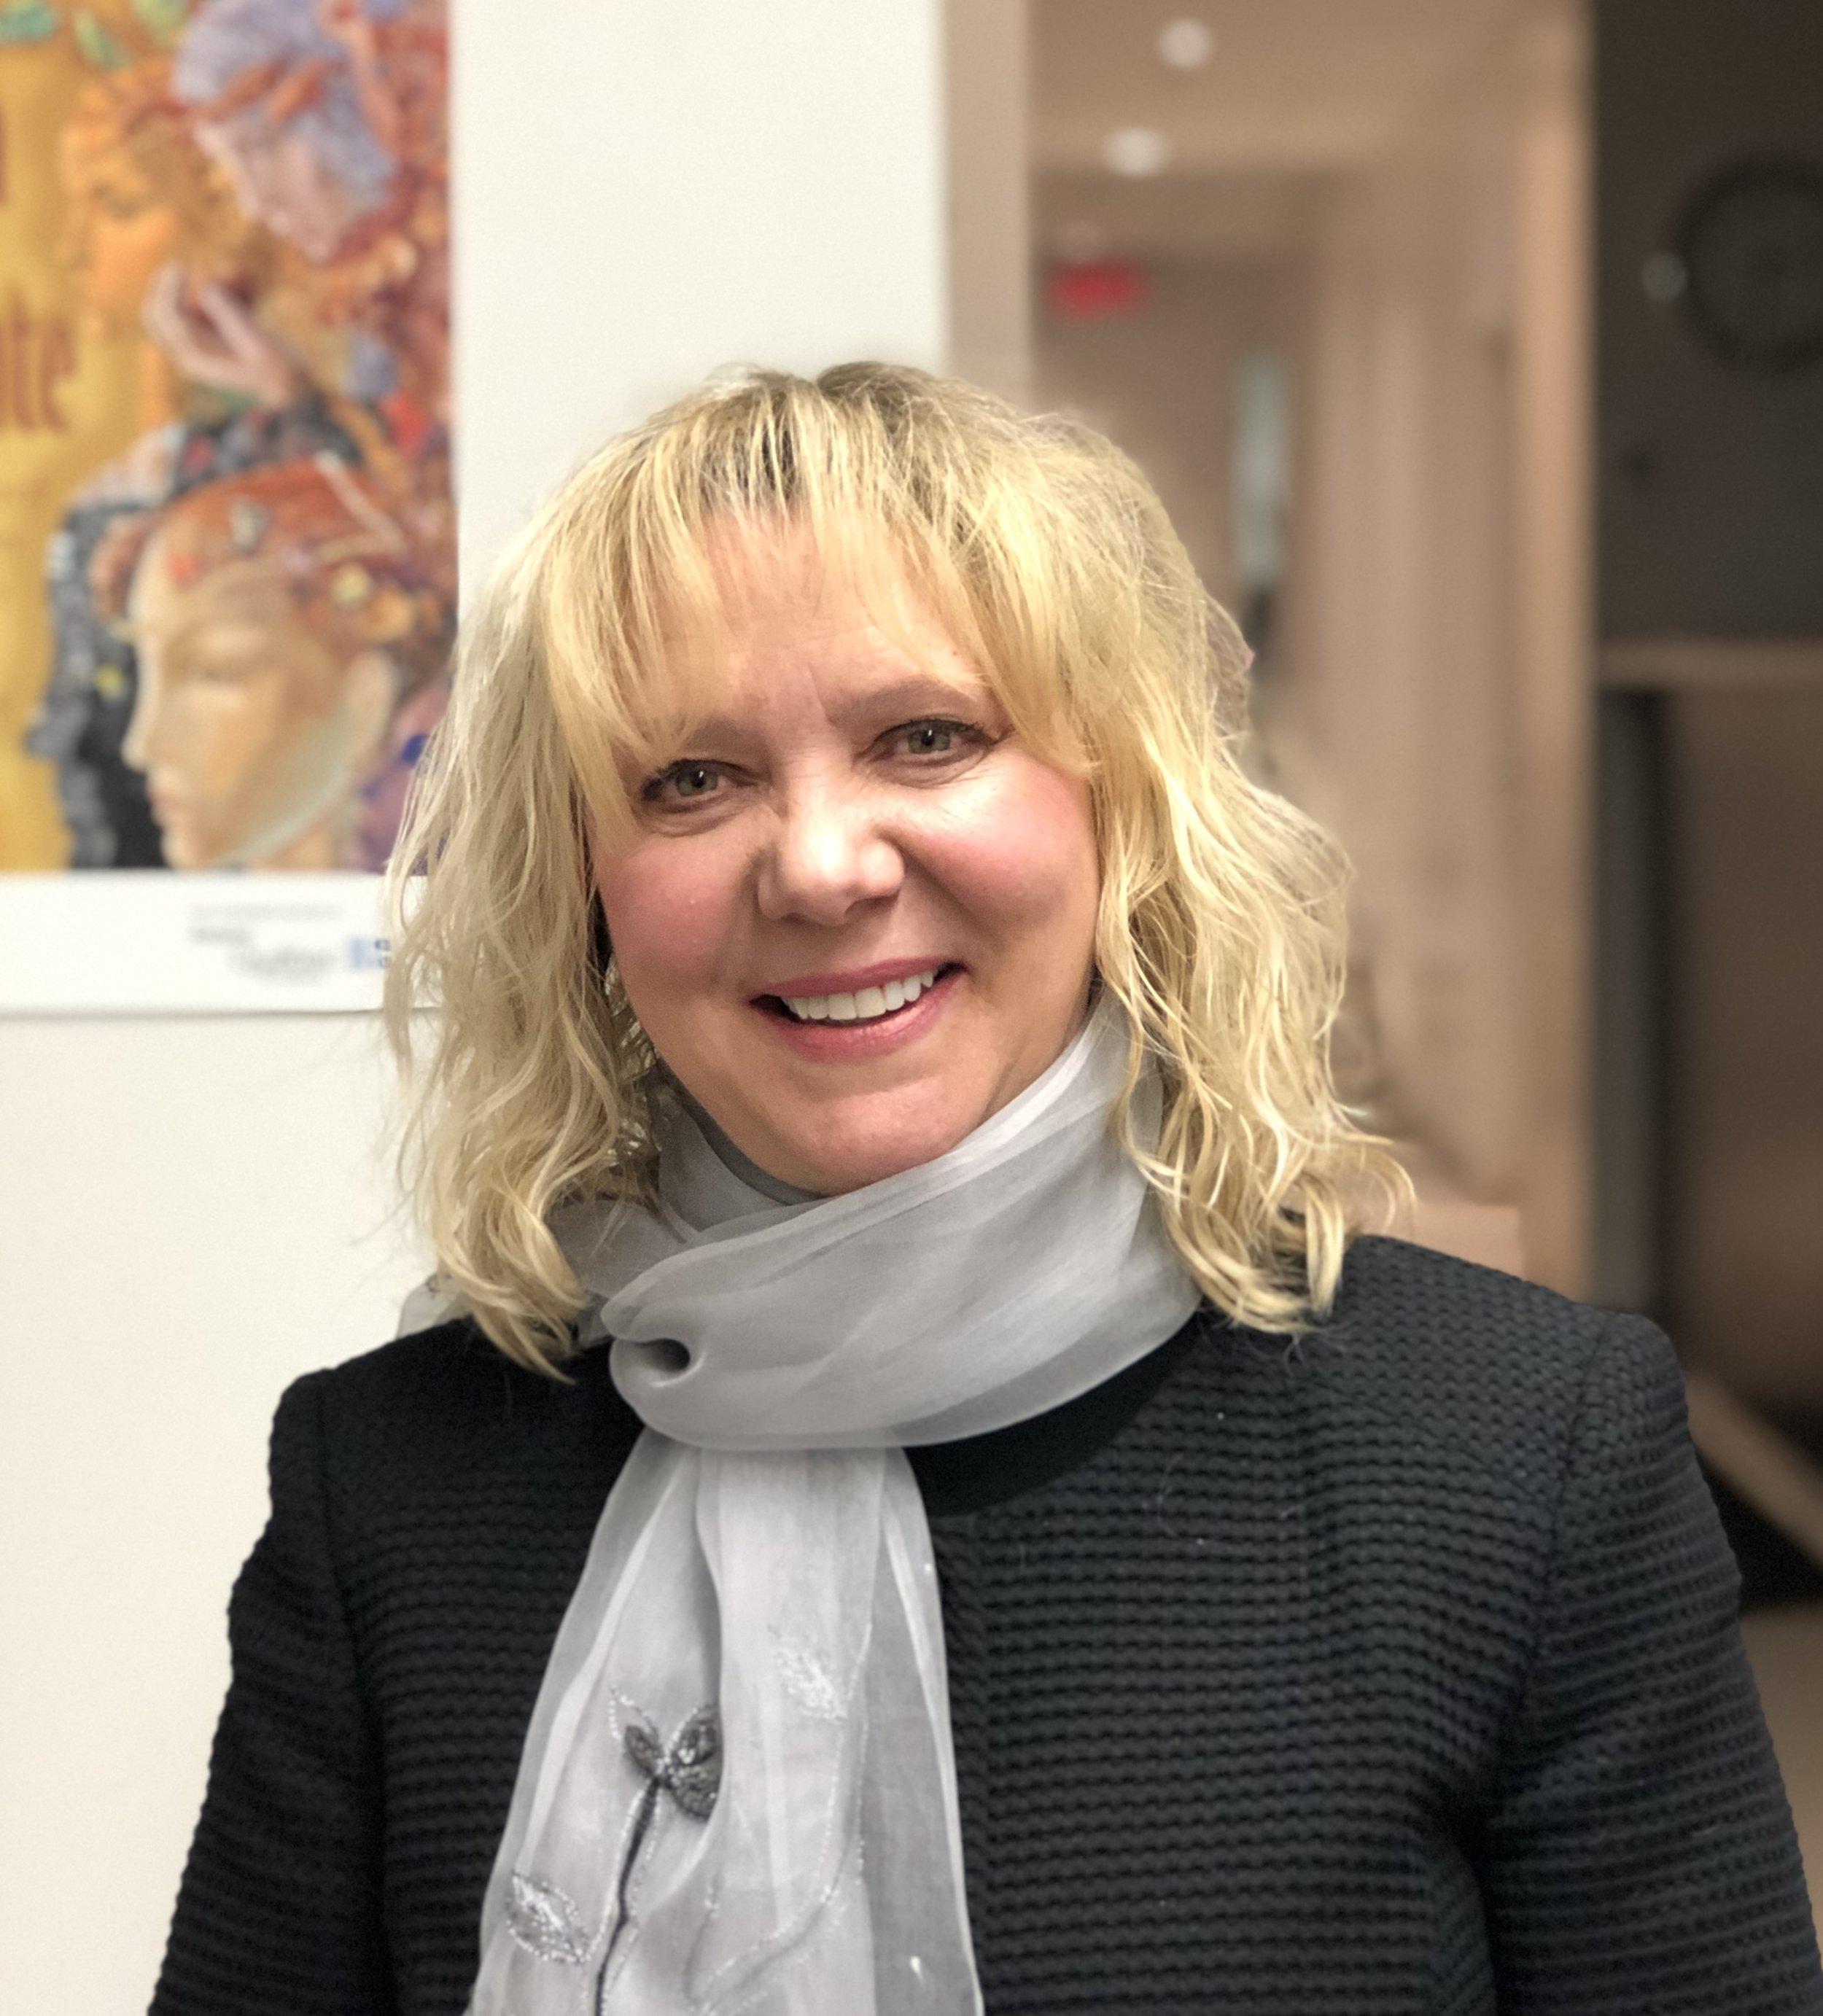 Johanne Bélisle, t.s, Membre ex-officio  Directrice générale, Centre des femmes de Montréal